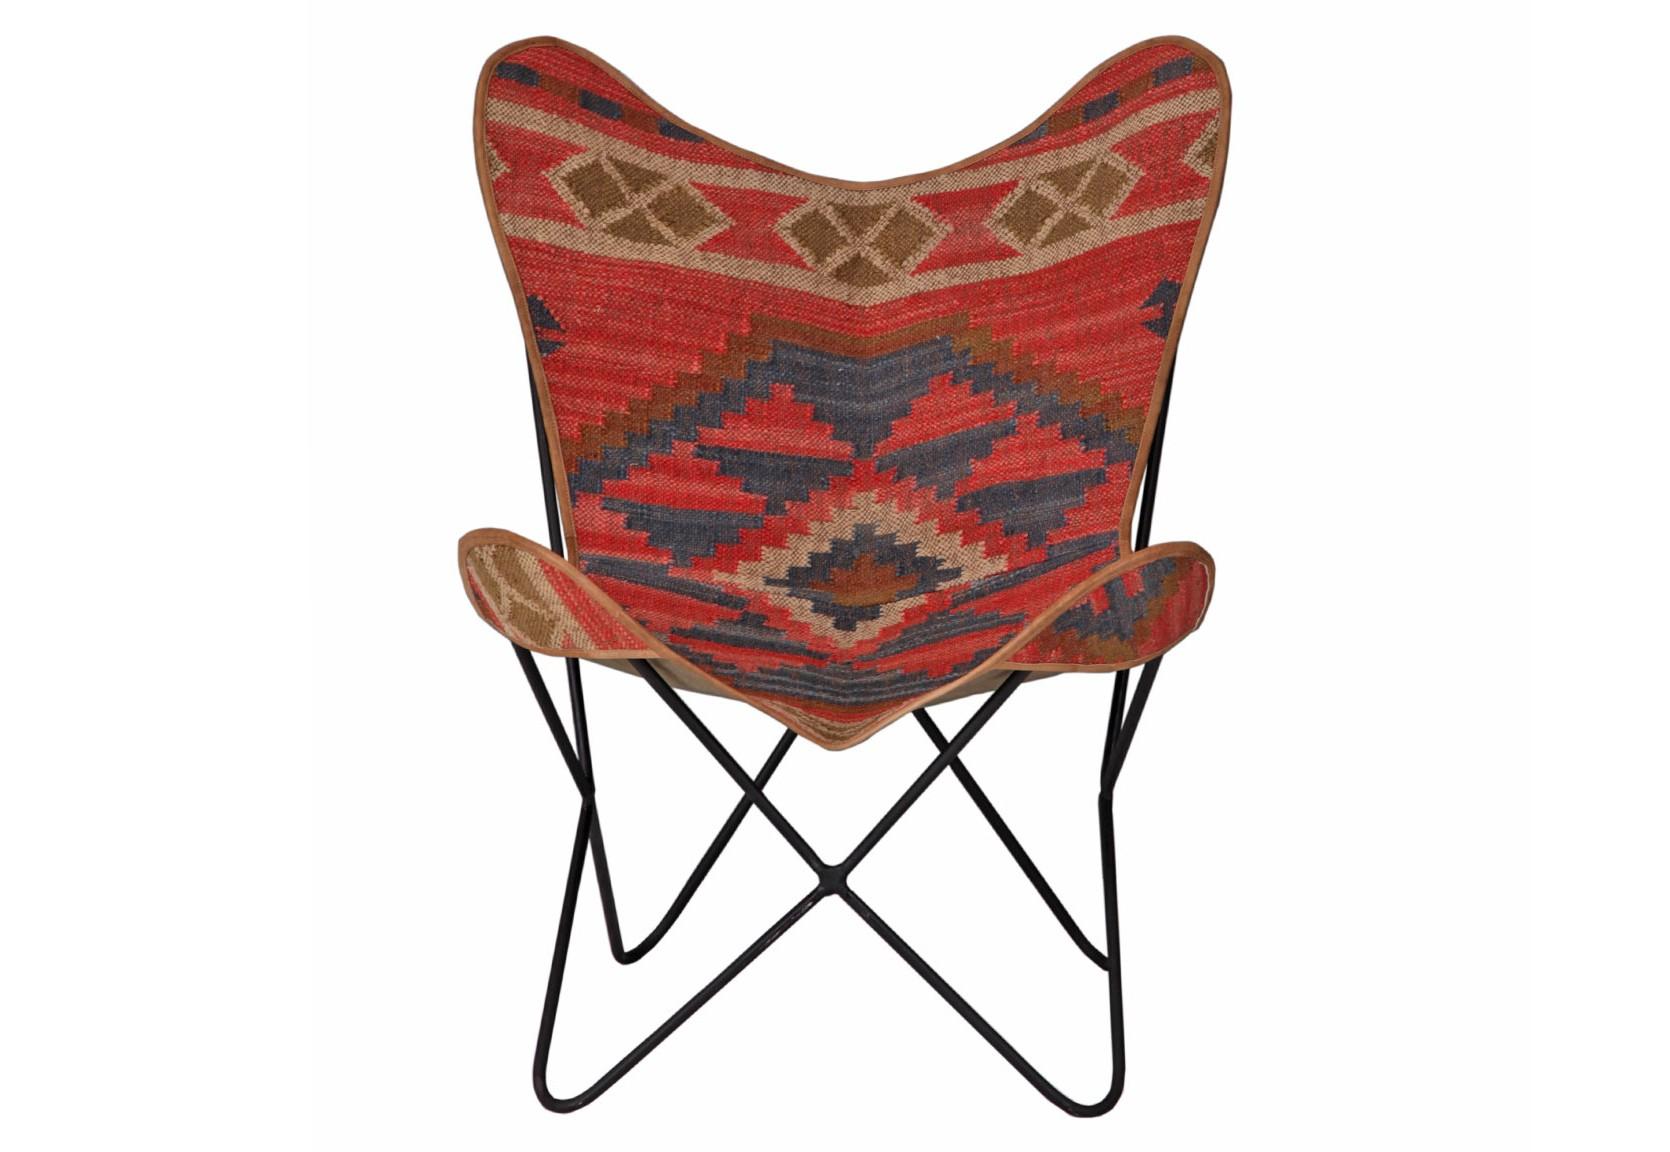 Кресло DenwerИнтерьерные кресла<br>Материал: кованный металл.<br><br>Material: Текстиль<br>Ширина см: 70.0<br>Высота см: 94.0<br>Глубина см: 66.0